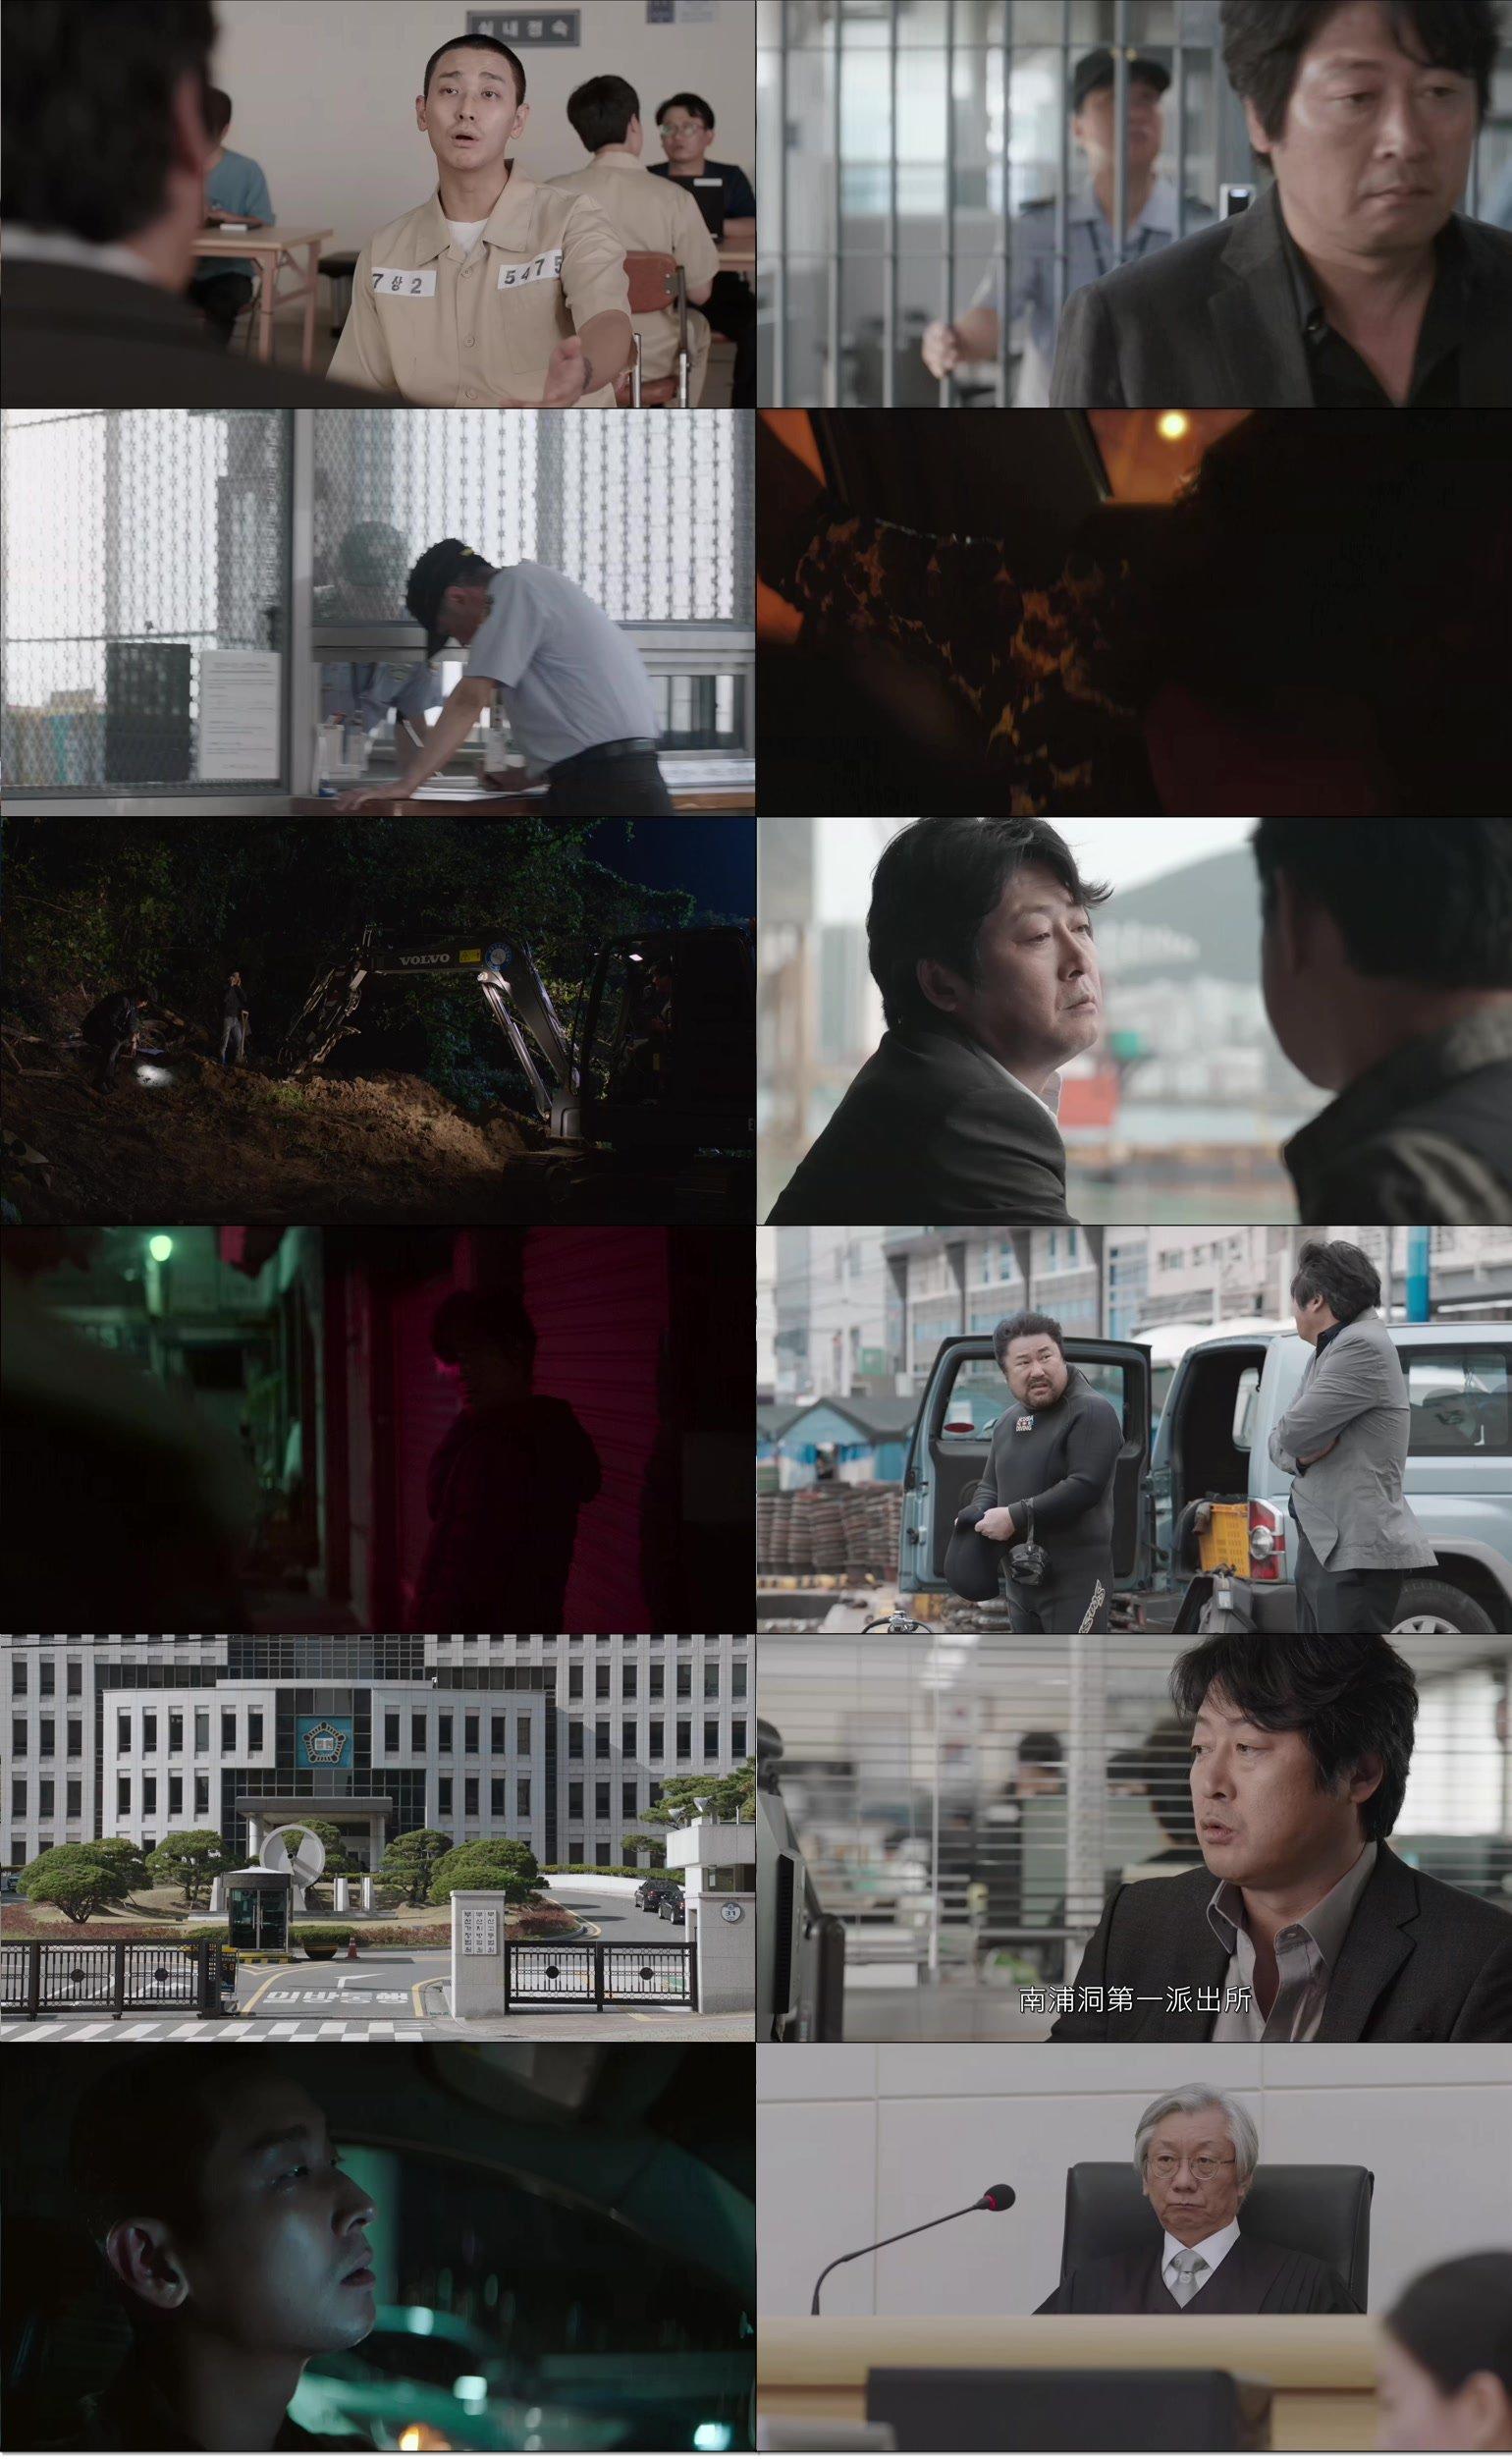 [韓] 暗數殺人/七罪追緝令.2018.BD-1080p[MKV@2.1G@繁簡英]